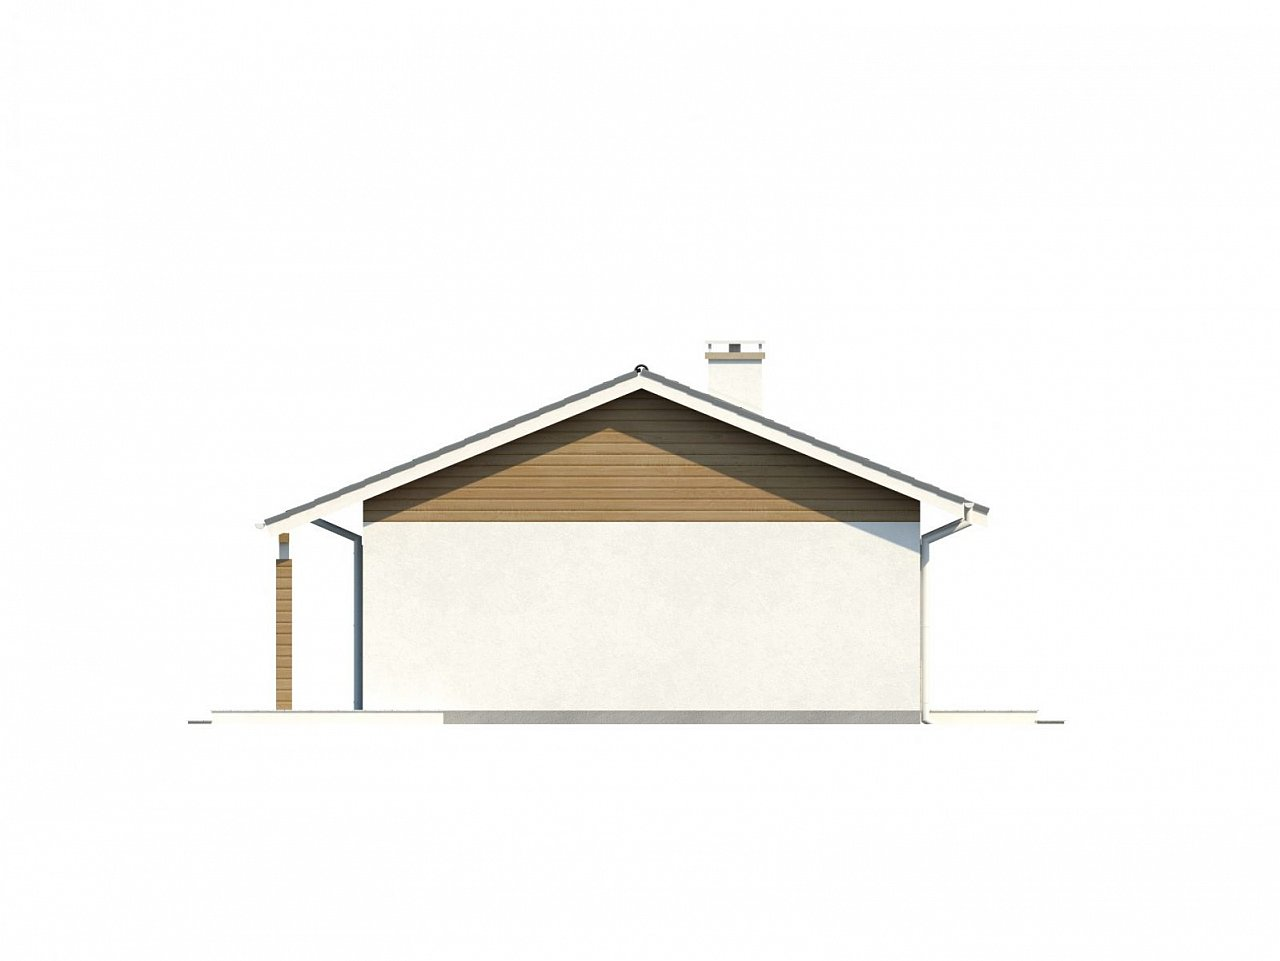 Функциональный и практичный проект дома Z7 в каркасном исполнении - фото 24